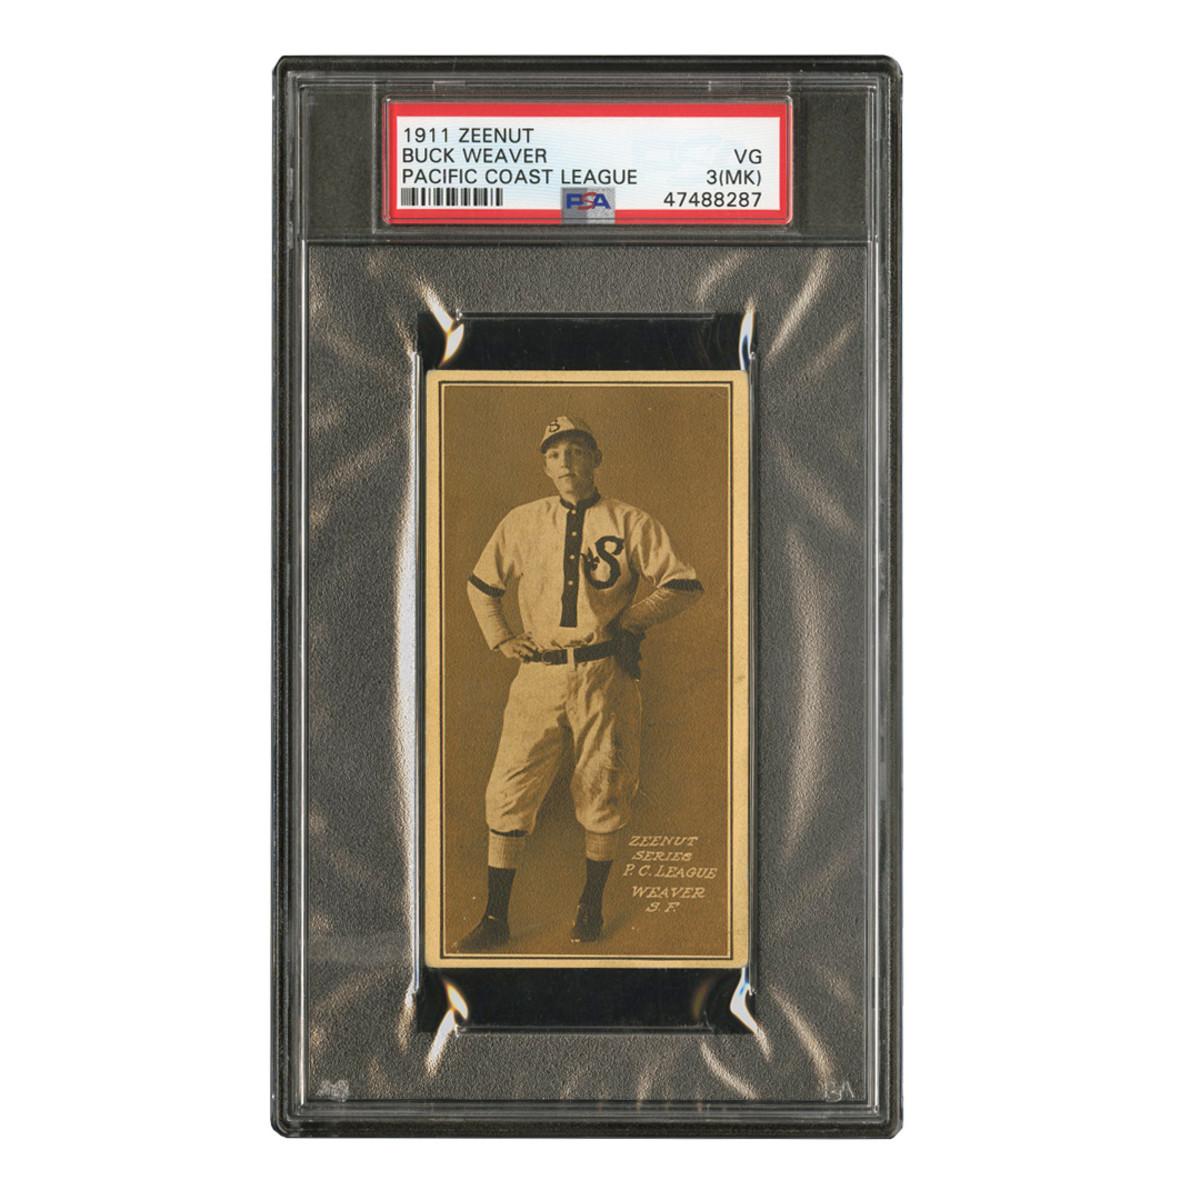 7 1911 Buck Weaver